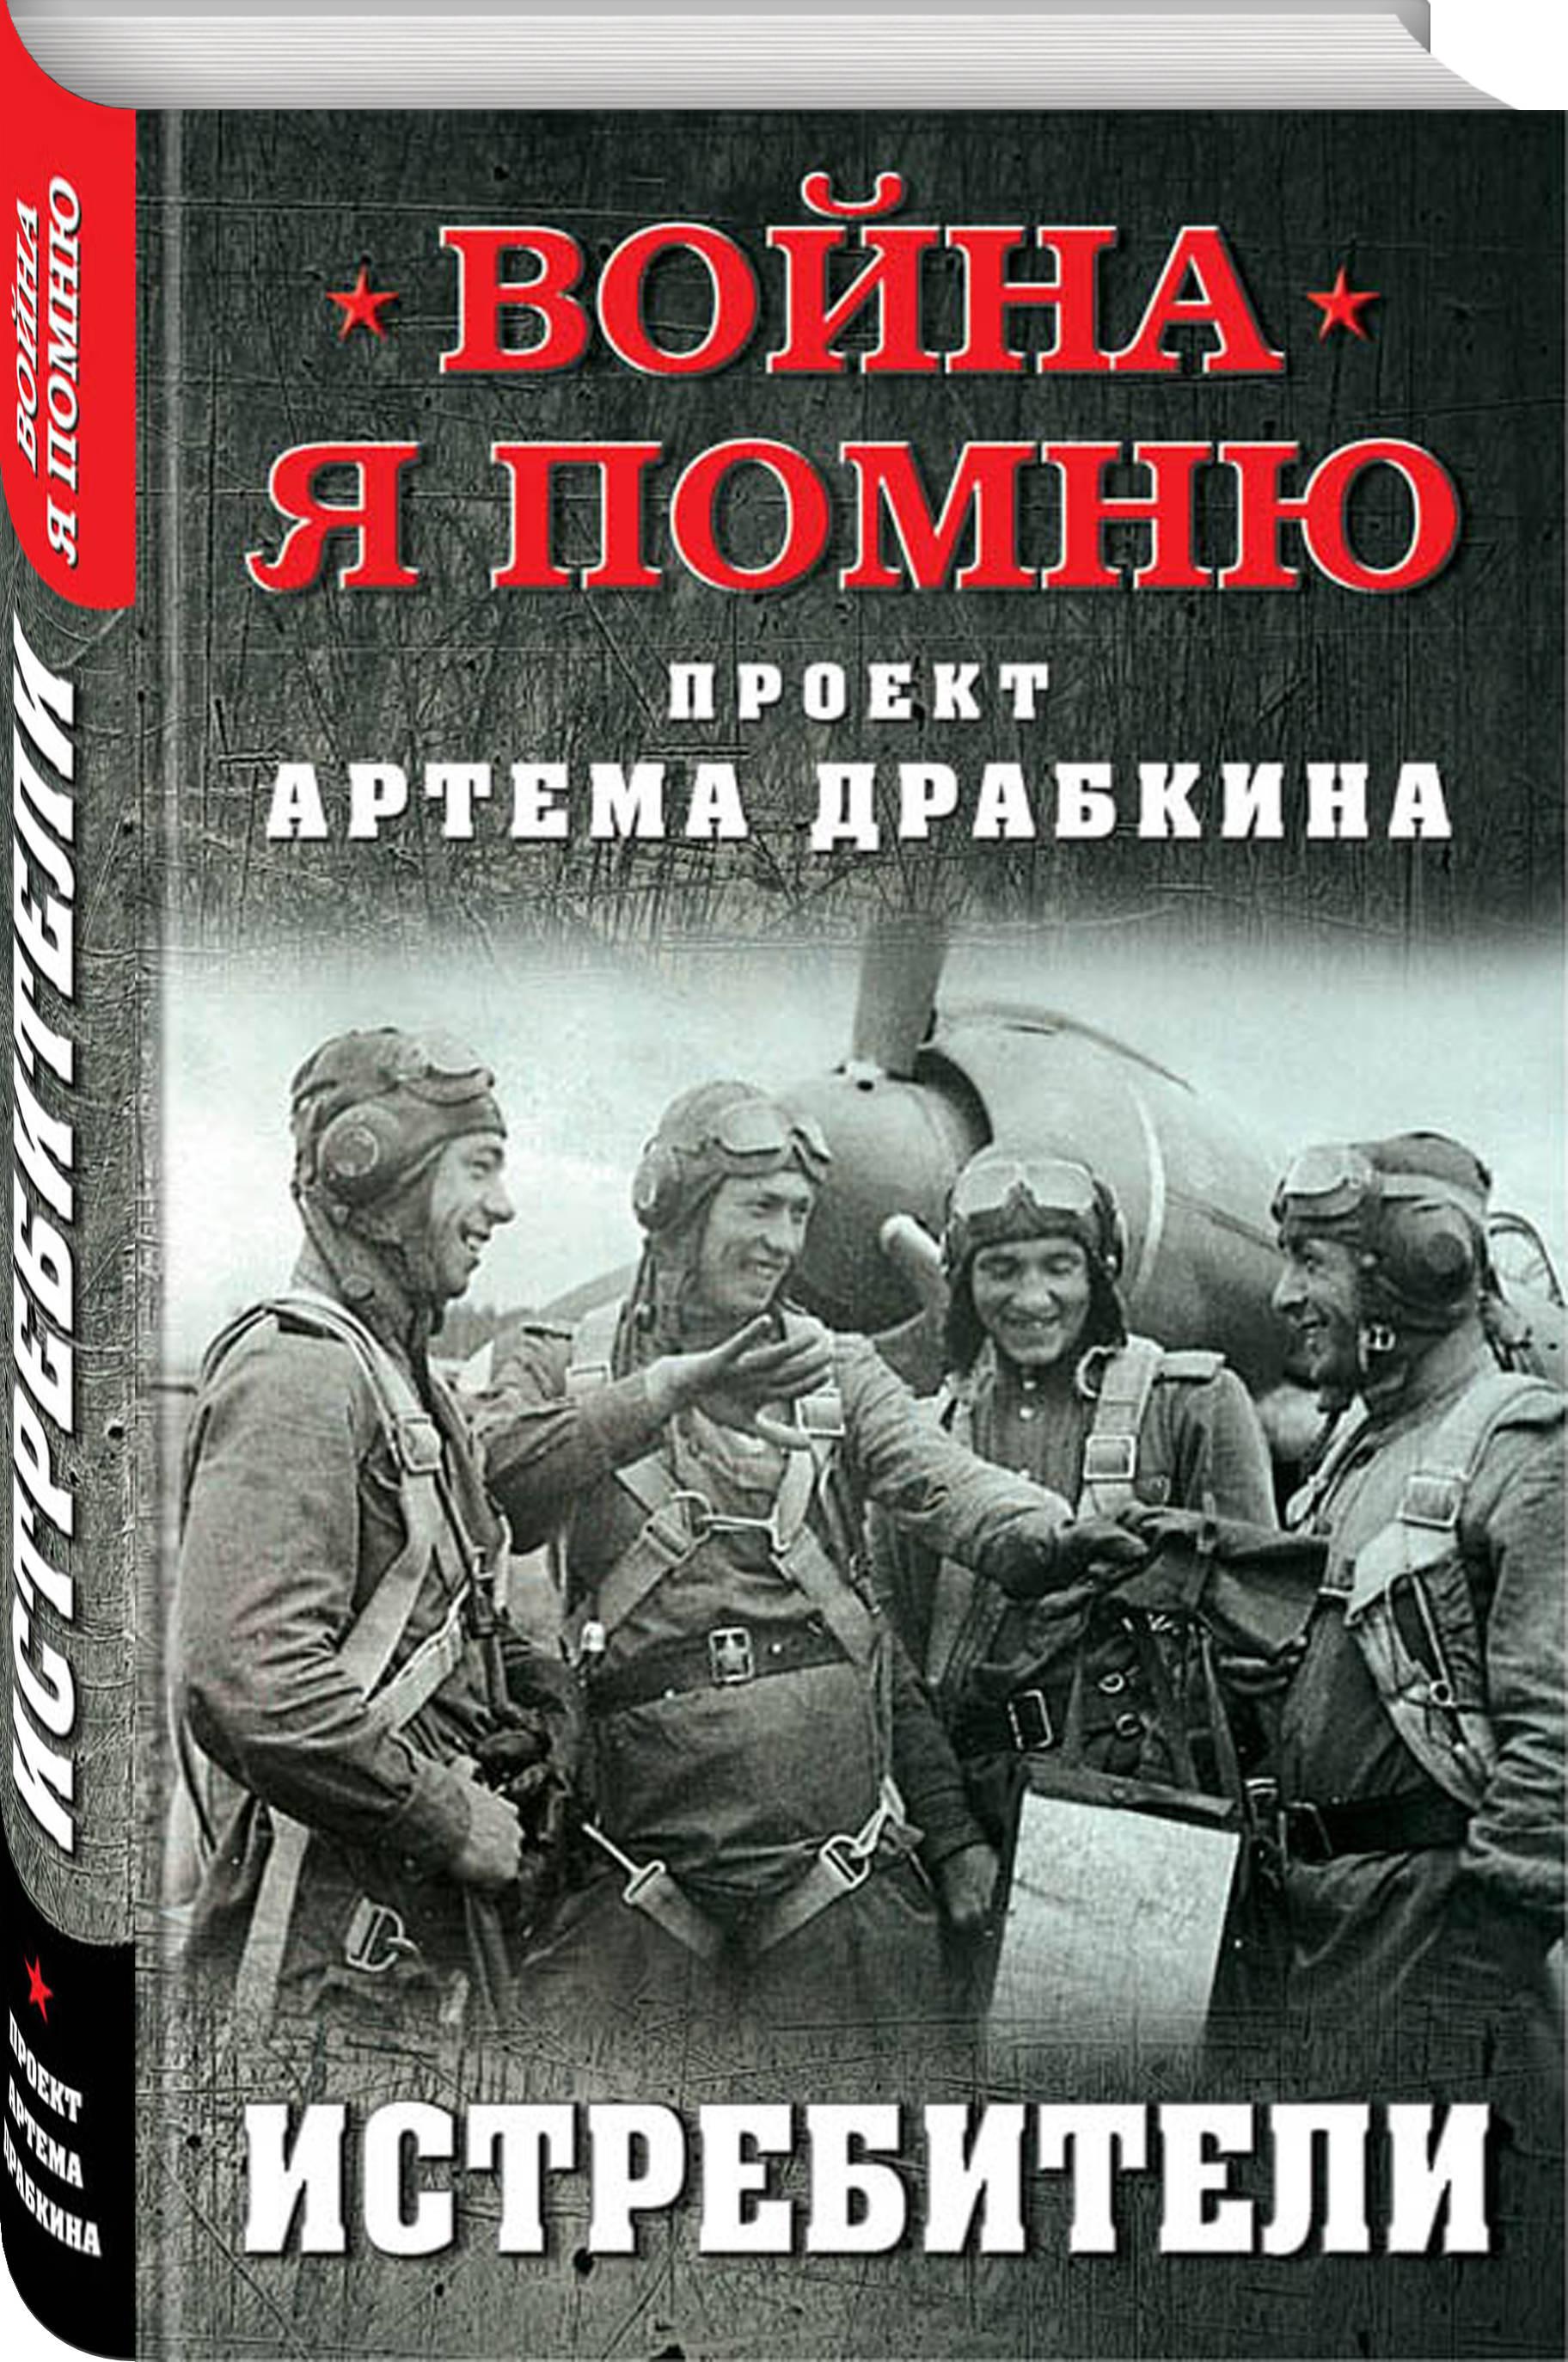 Драбкин А.В., сост. Истребители савицкий г яростный поход танковый ад 1941 года